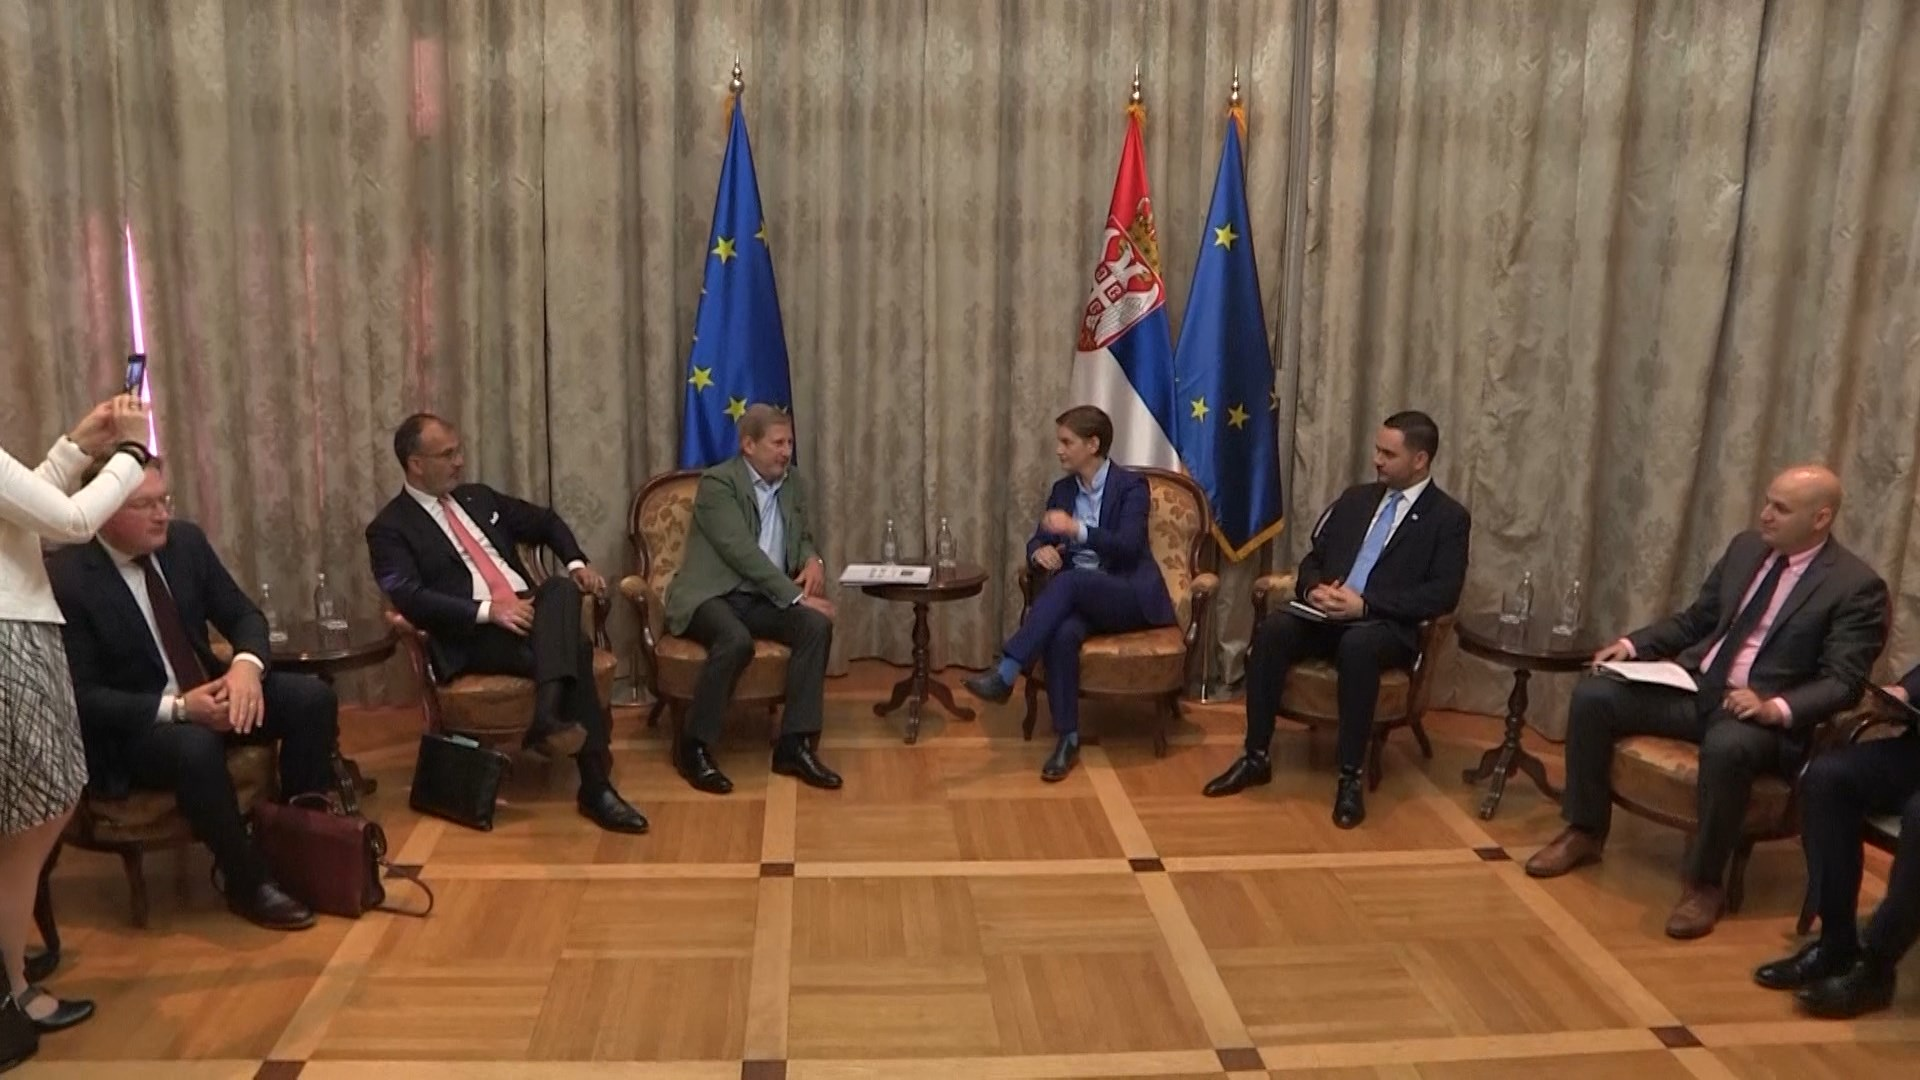 Hahn në Beograd: Shpresoj që Shqipëria e Maqedonia e veriut të hapin negociatat në shtator